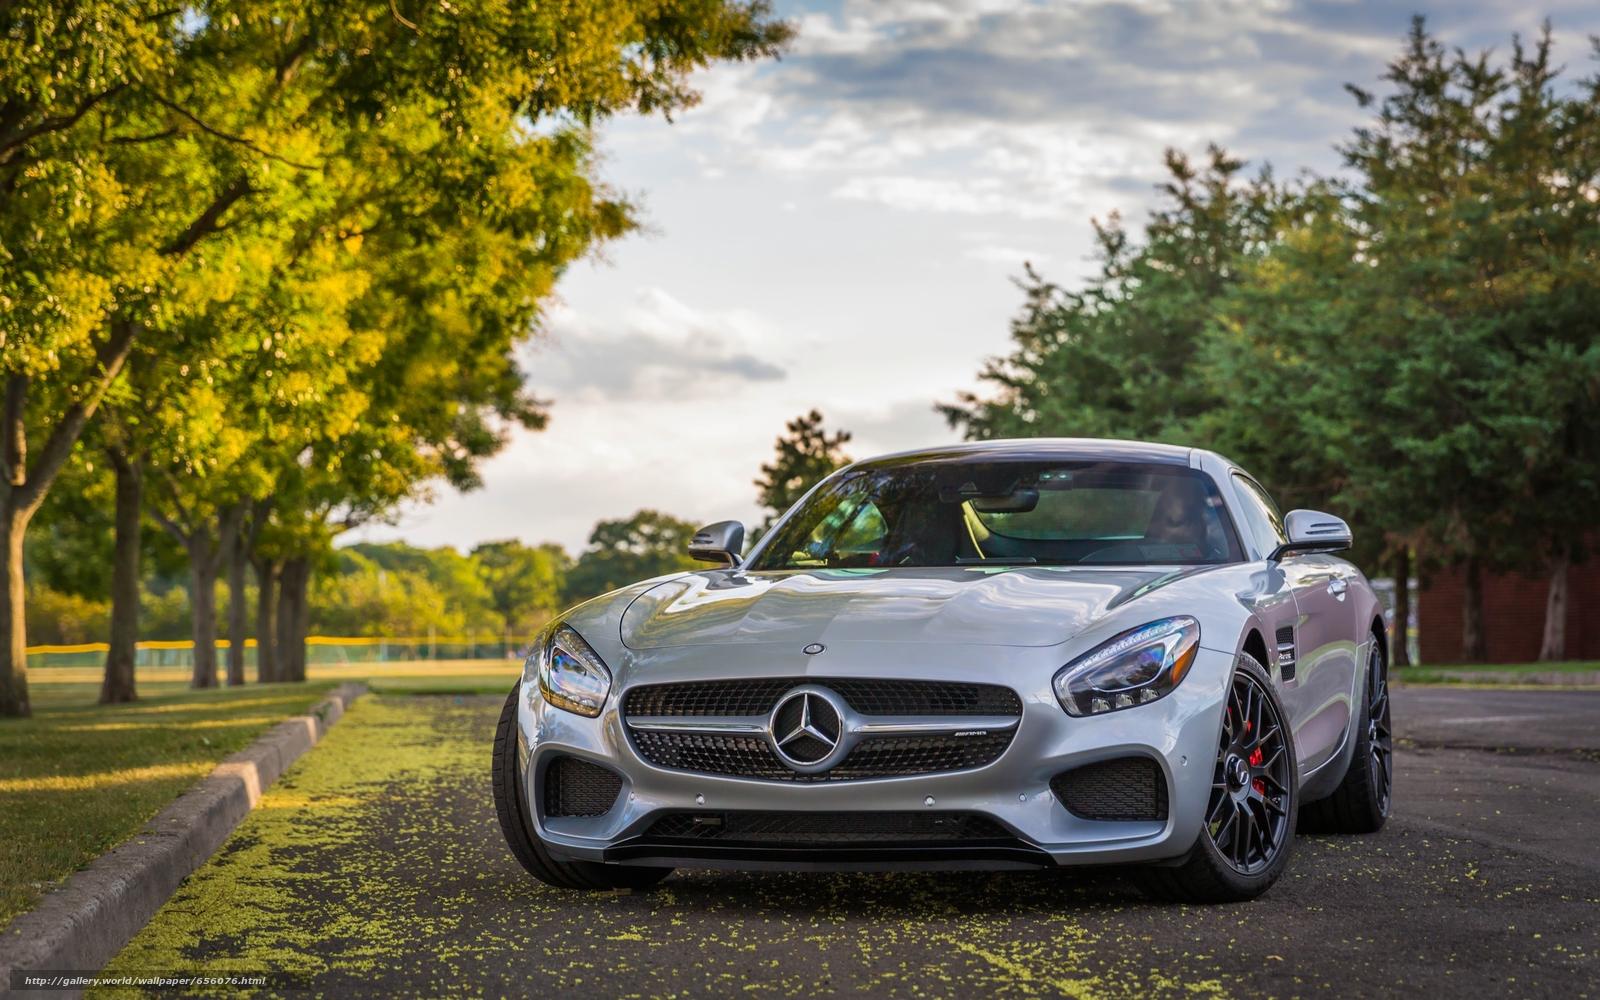 Скачать обои Mercedes-AMG GT S,  Mercedes-Benz,  Sports car,  дорога бесплатно для рабочего стола в разрешении 4791x2994 — картинка №656076